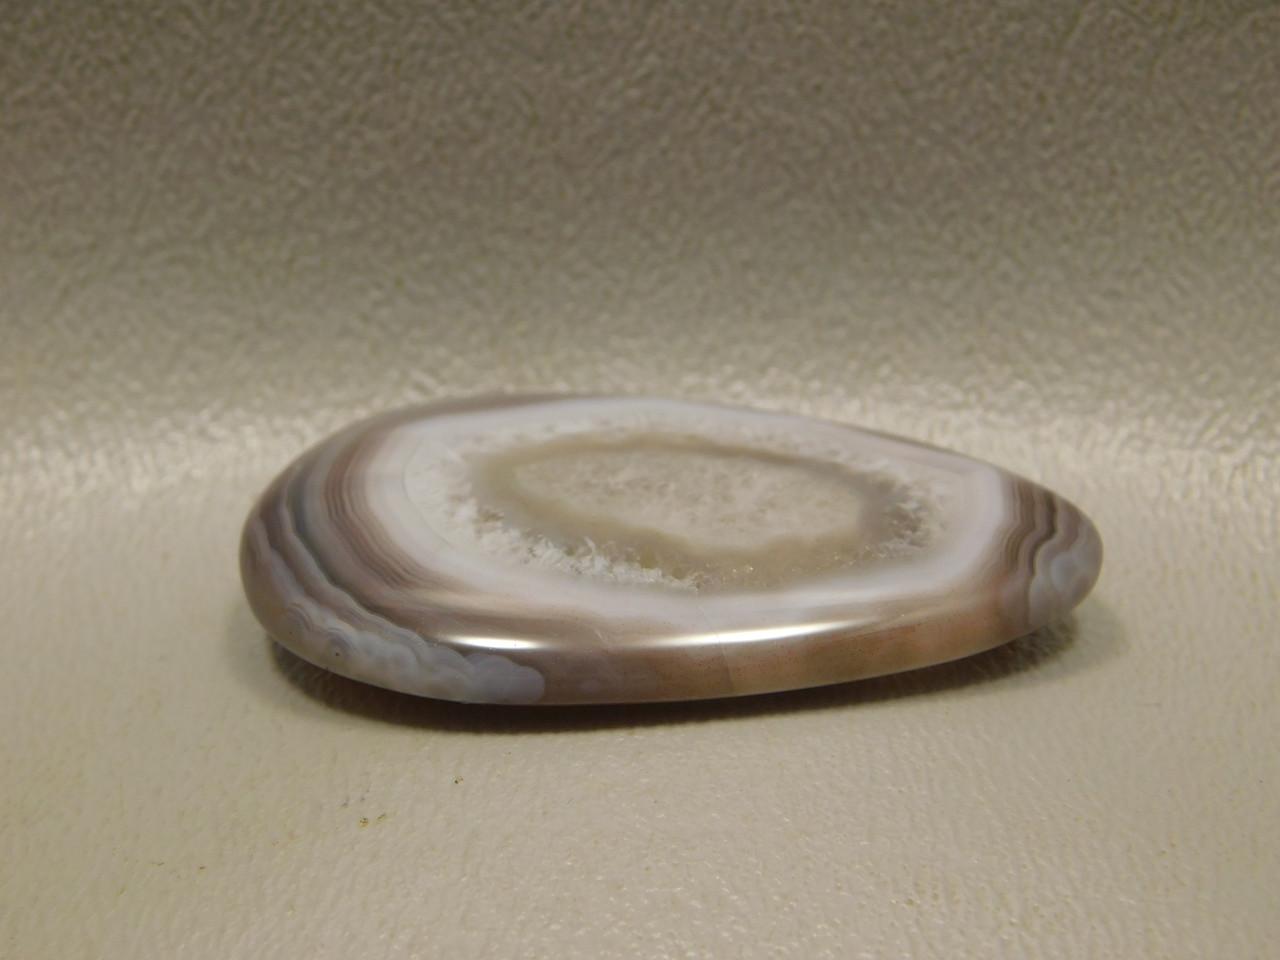 Botswana Agate Banded Gemstone Cabochon Stone 22